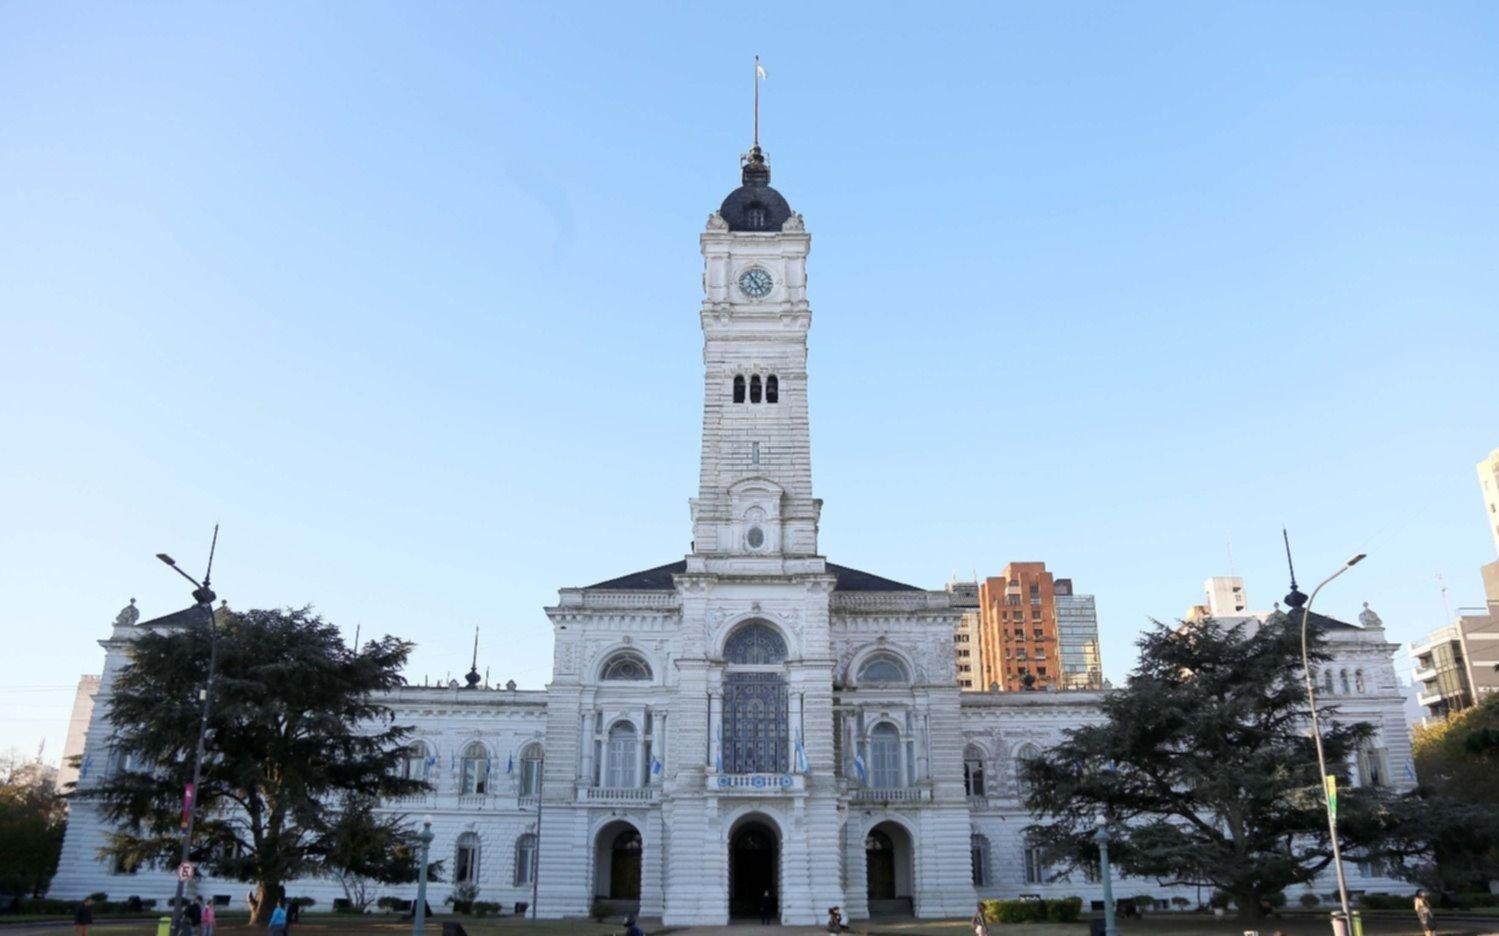 Con payadores, folclore y artesanos, la Ciudad celebra a pleno la fecha patria